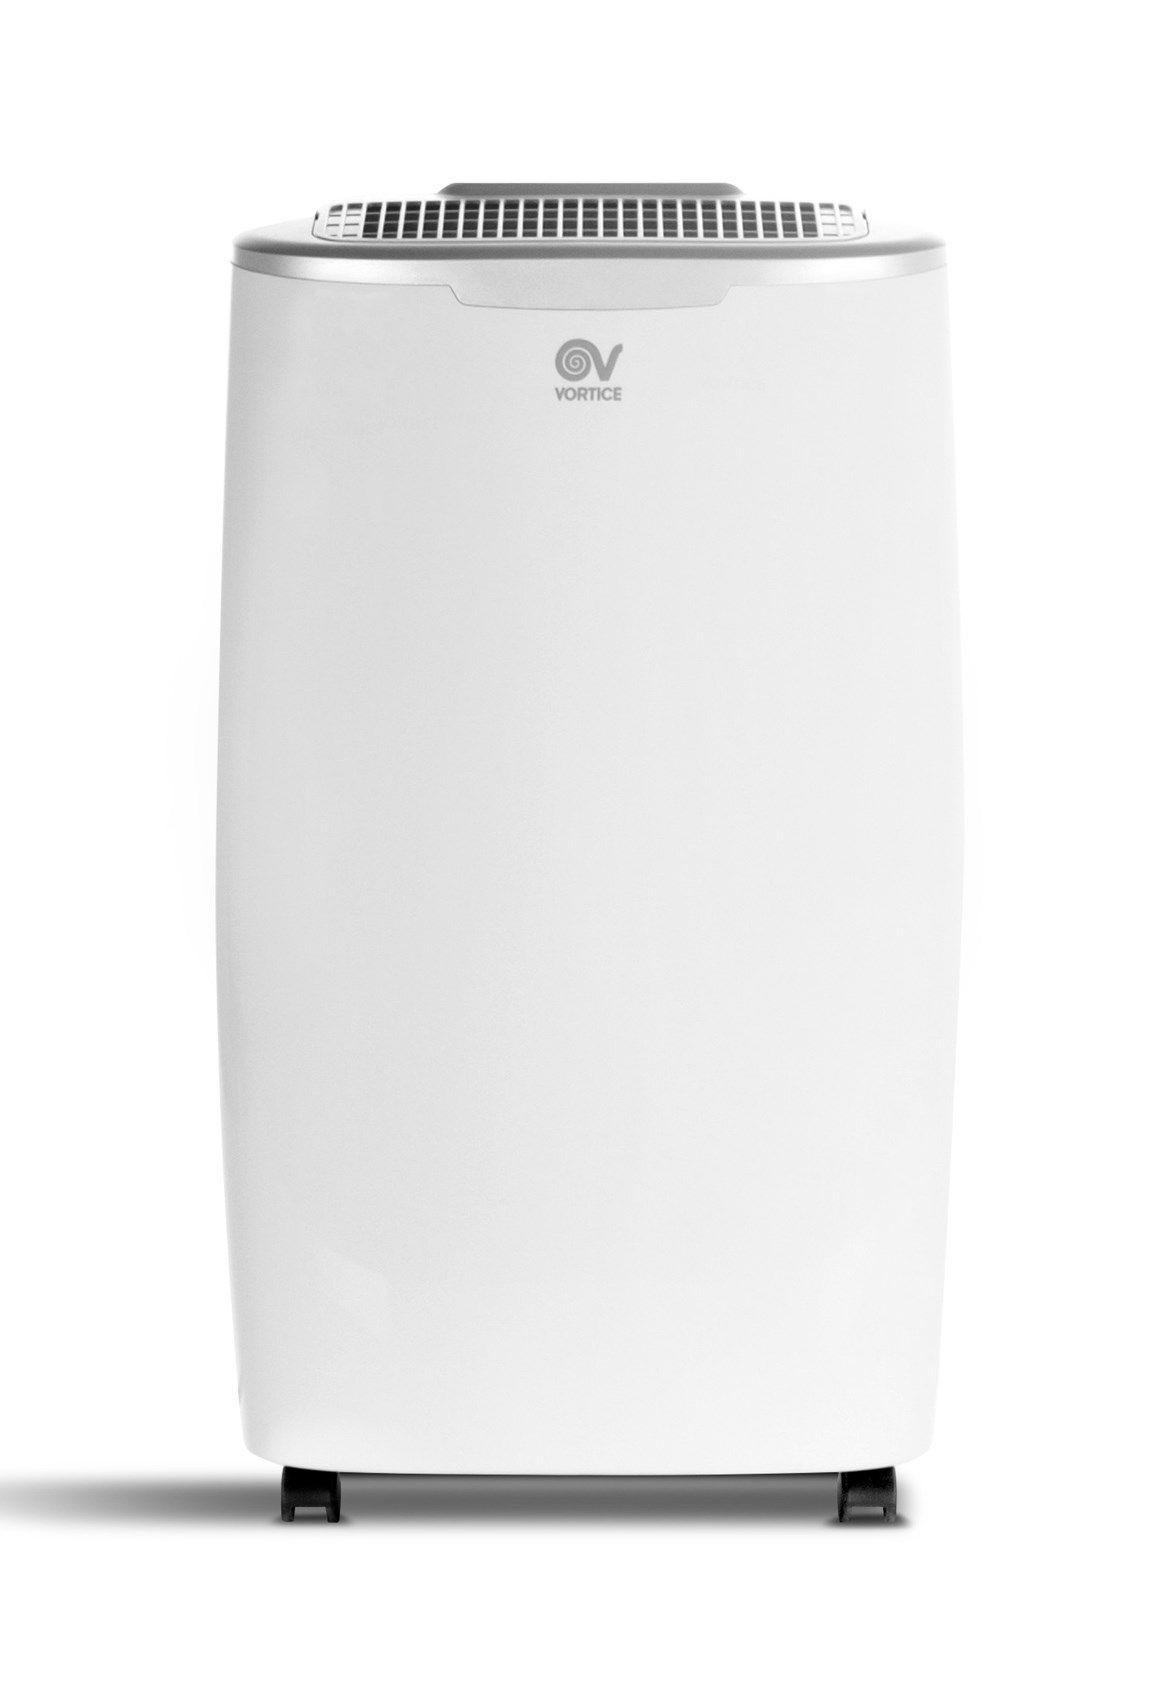 Serie DEUMIDO NG di VORTICE, l'aiuto indispensabile per una corretta umidità dell'aria